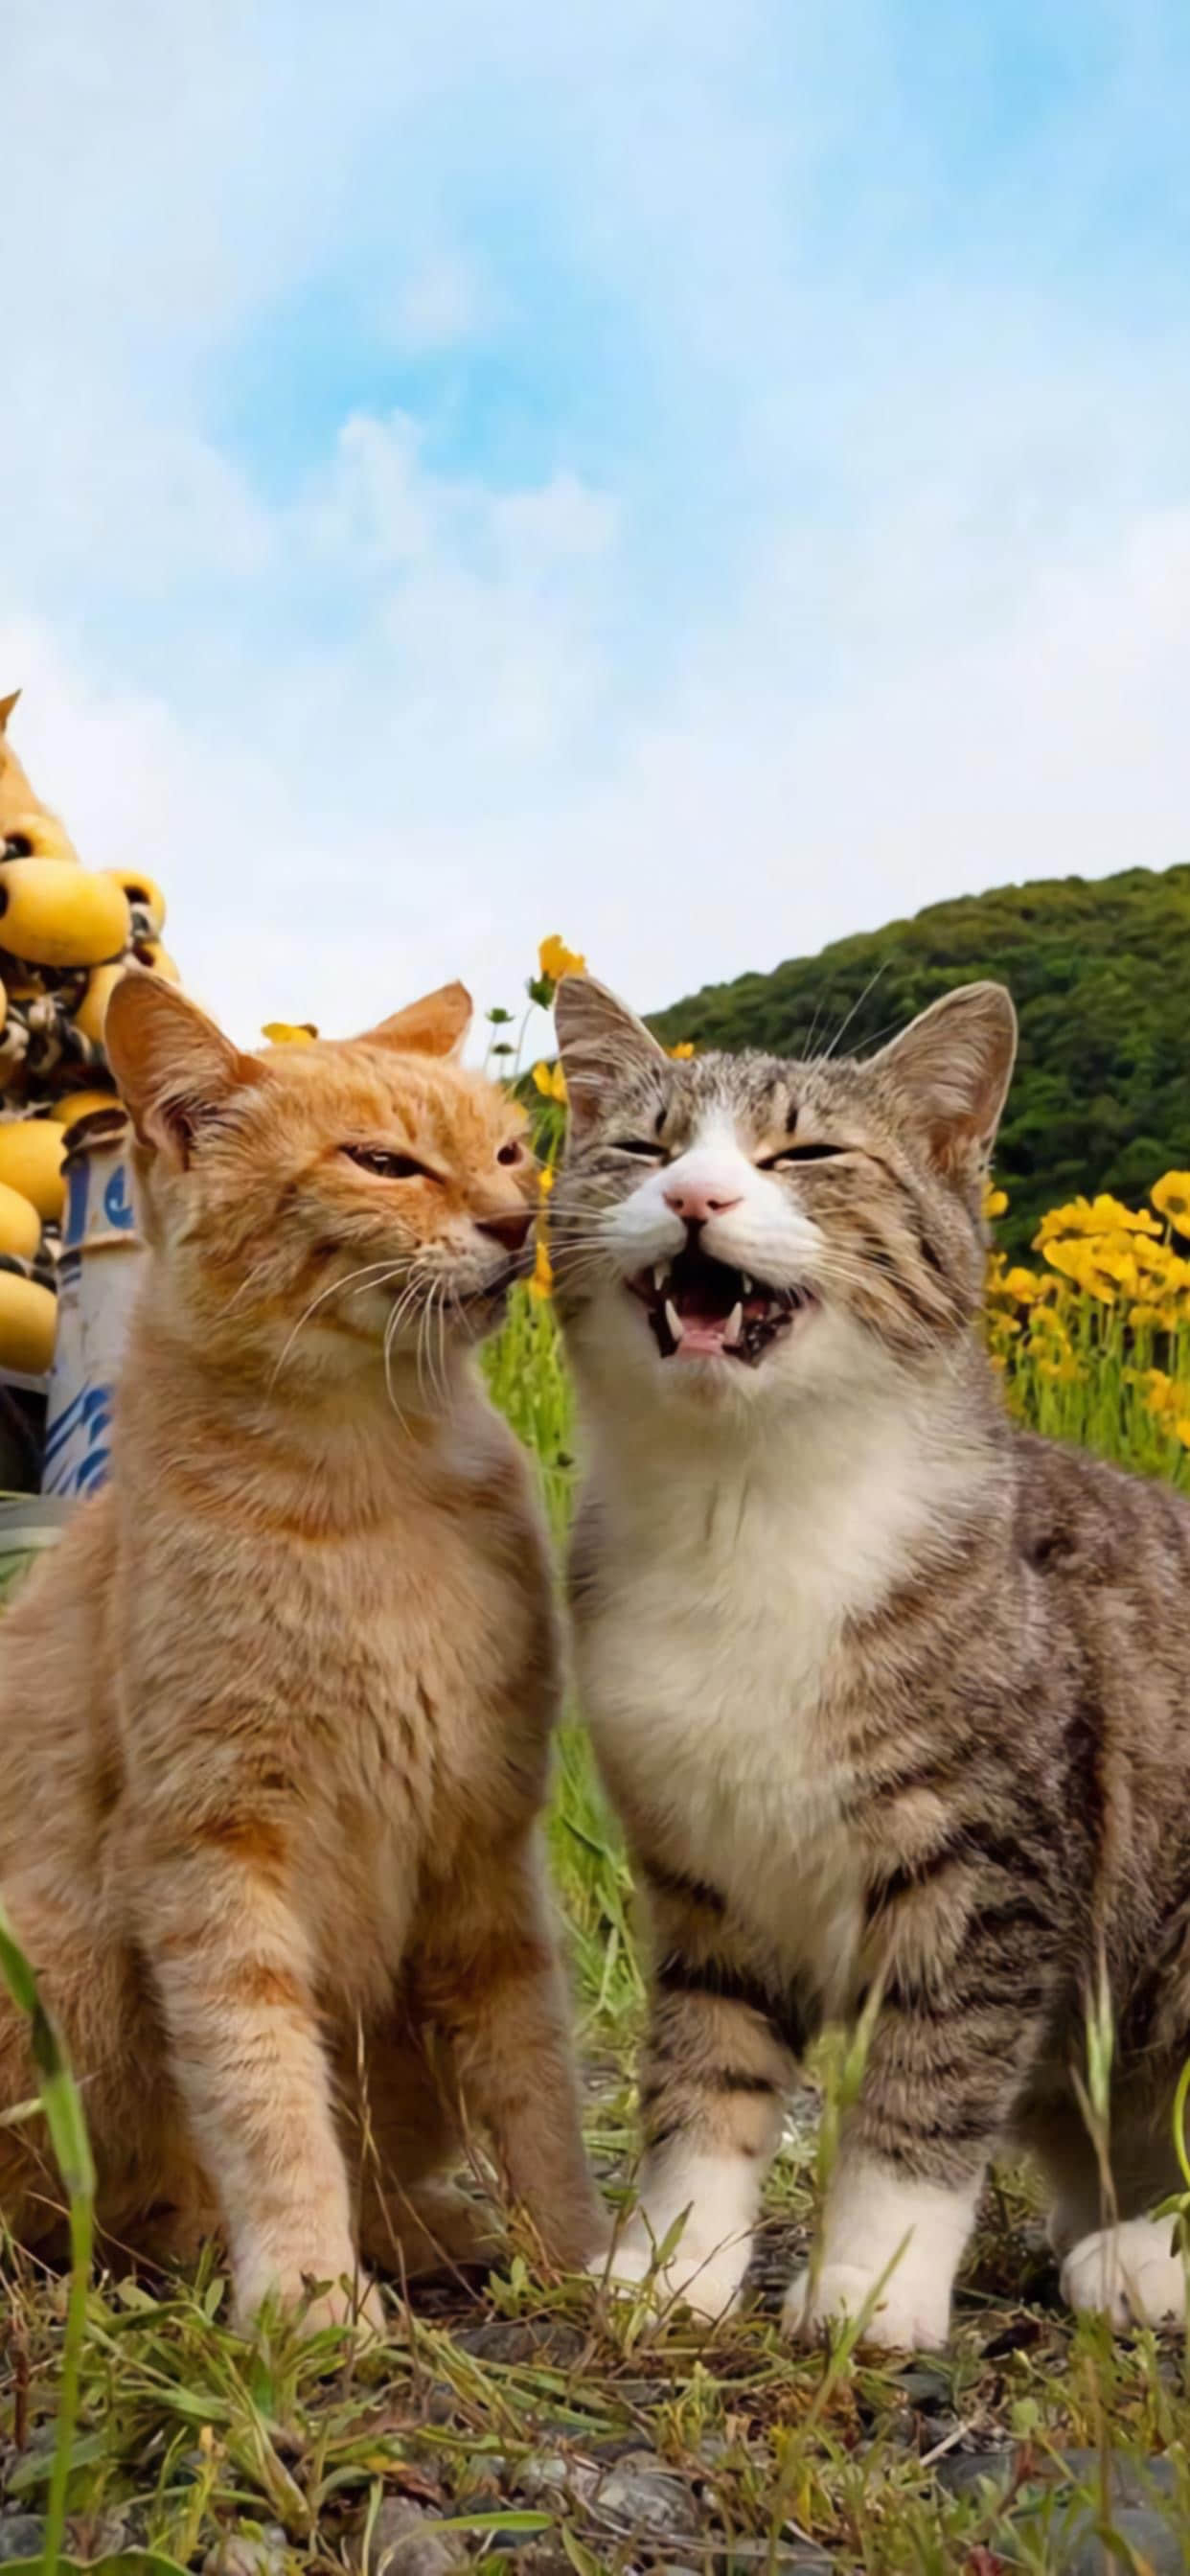 可爱猫咪1242*2688高清手机壁纸